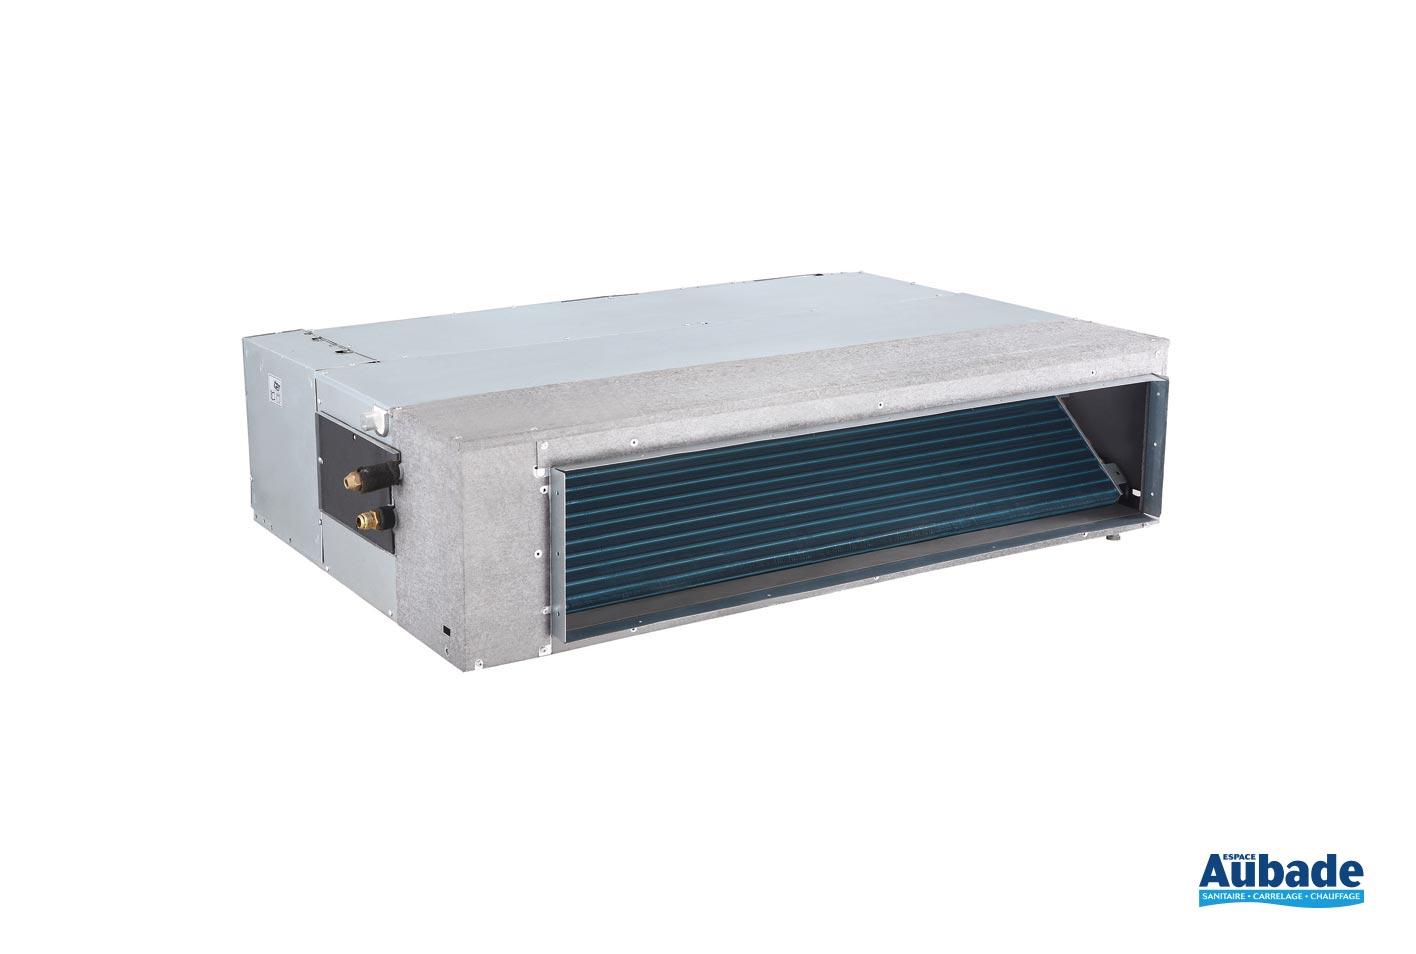 Cache Unité Extérieure Climatisation climatiseur aaria amd carrier | espace aubade